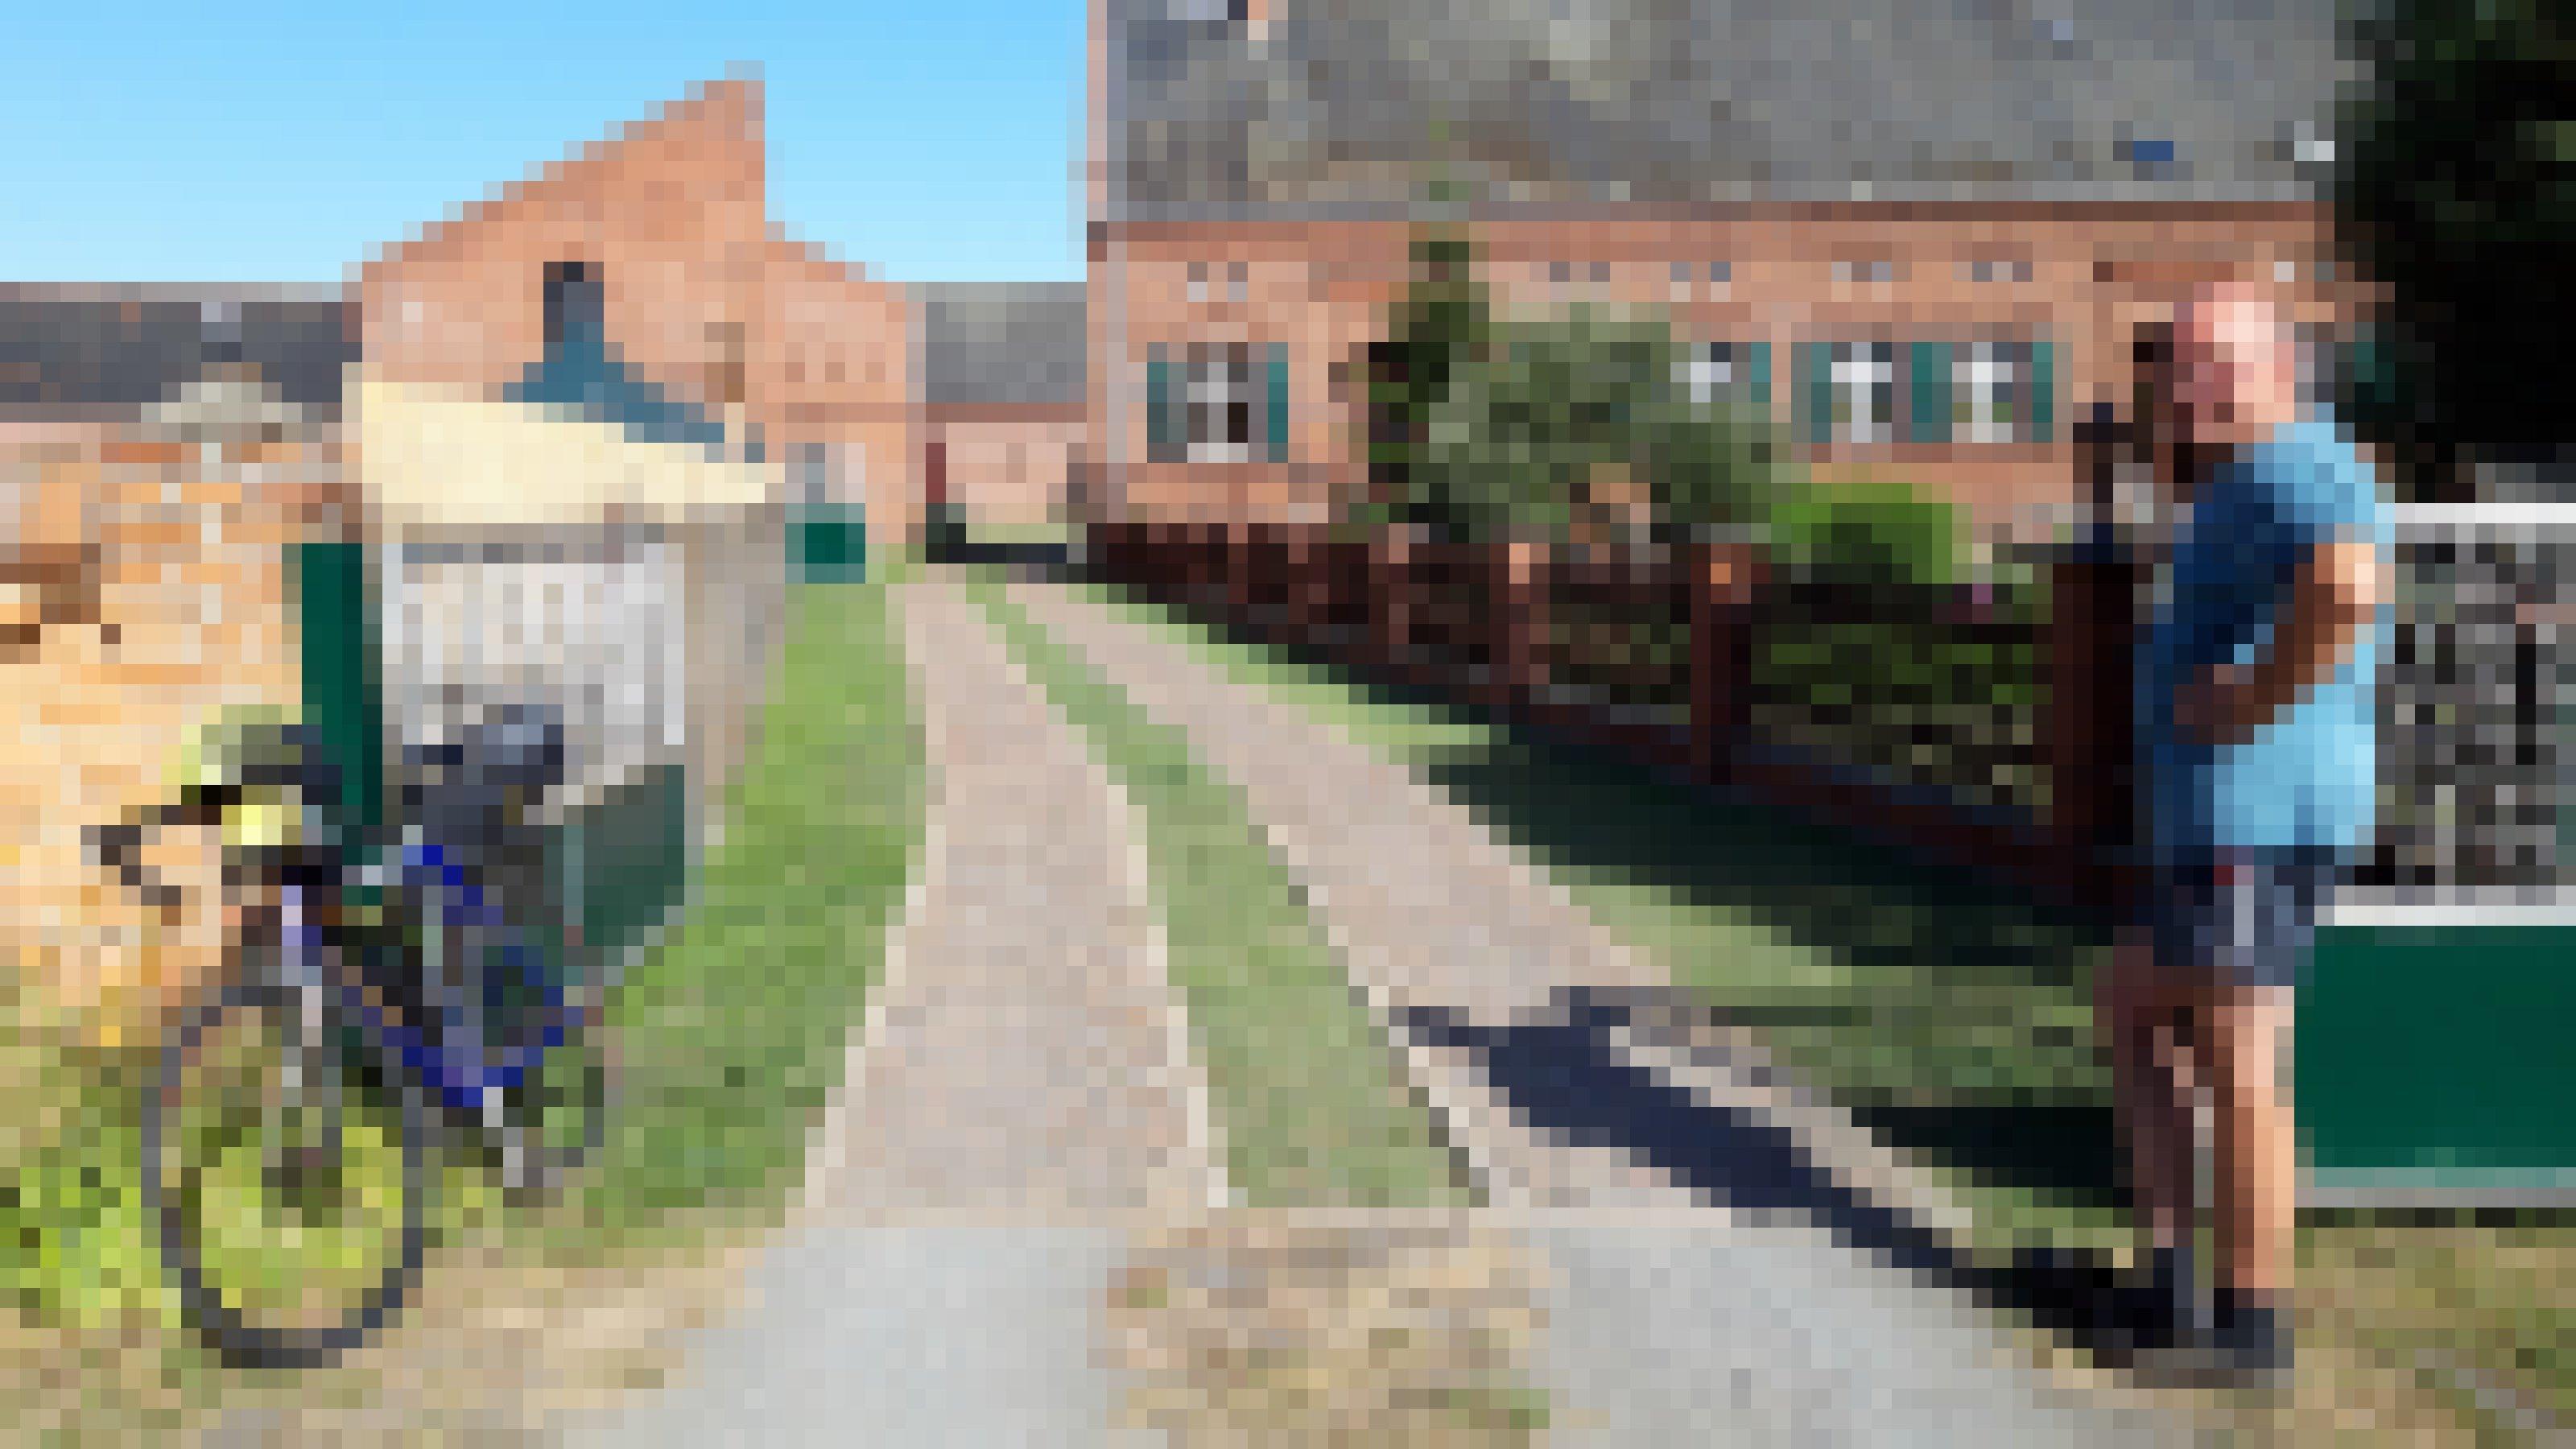 Rechts von der akkurat gepflasterten Einfahrt der kurzhosige Pey, links das Vehikel des RadelndenReporters.